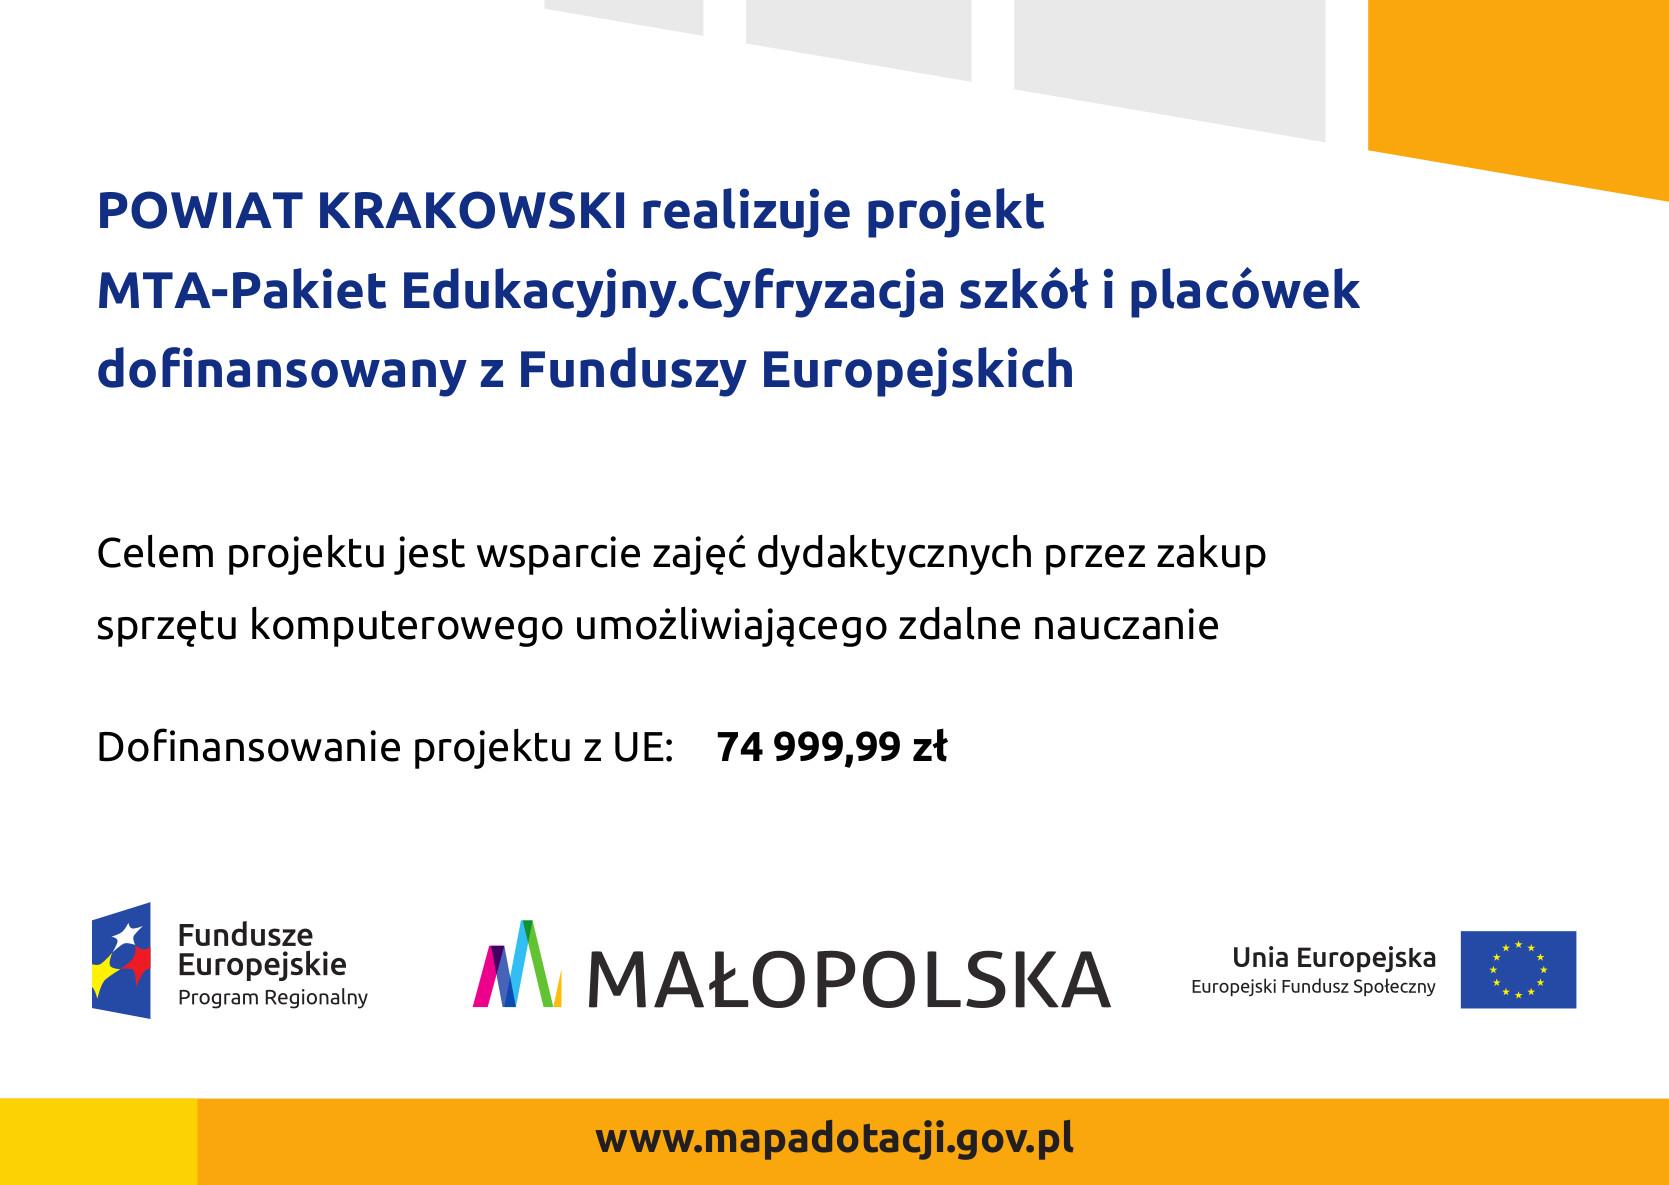 Tablica do projektu Powiat Krakowski realizuje projekt MTA-Pakiet Edukacyjny. Cyfryzacja szkół i placówek dofinansowany z Fudnuszy Europejskich. Więcej informacji po kliknieciu w tablicę.